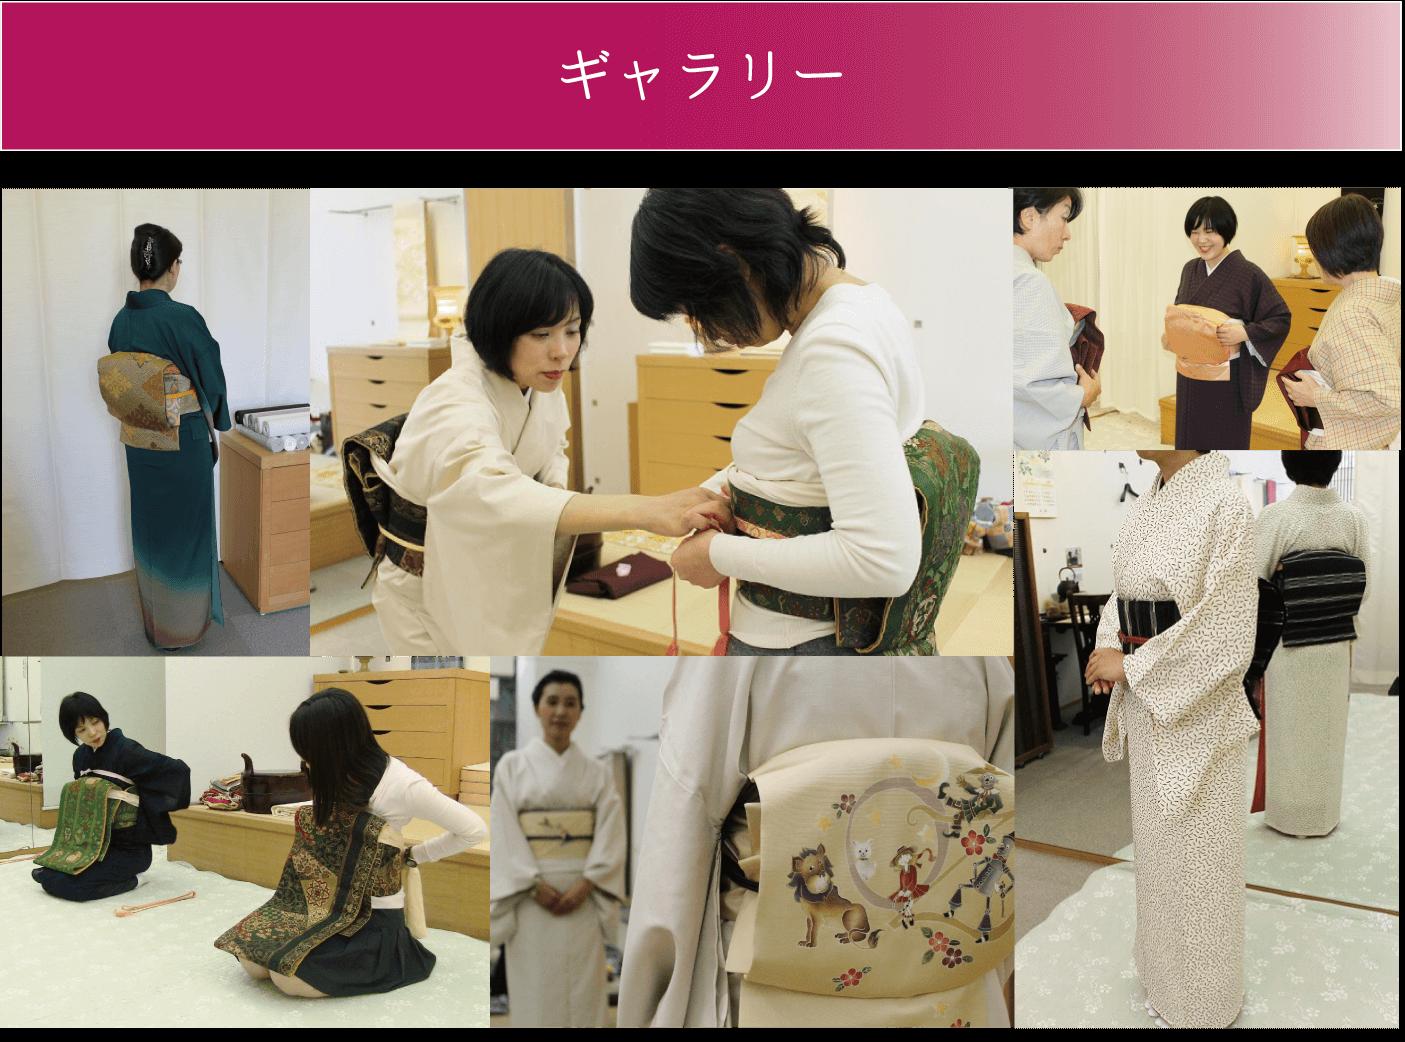 お教室の様子 卒業生の方の着姿 前結び 袋帯結びからお稽古します 前結び着付け教室 熊本市中央区 着物専門店 わのくに